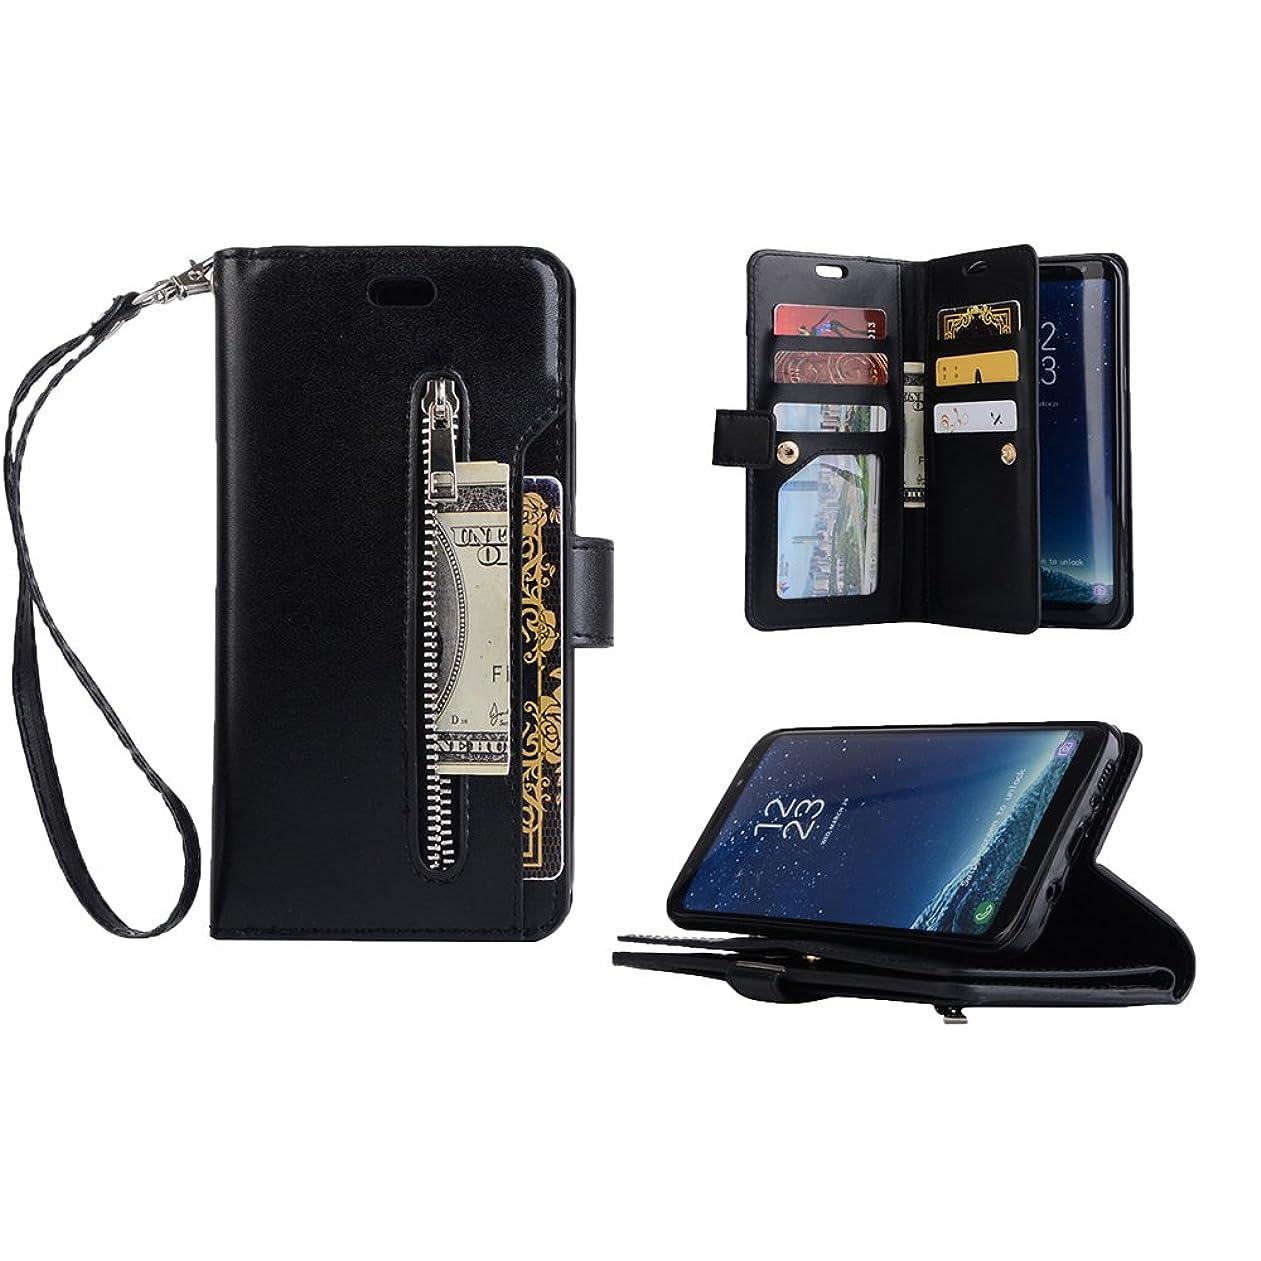 またはマグシャーロットブロンテGalaxy S8 Plus おしゃれカバー PUレザー カード収納 スタンド機能 ストラップ付き 手帳型ケース ギャラクシー S8 Plus対応 ブラックメンズ かっこいい ビジネス